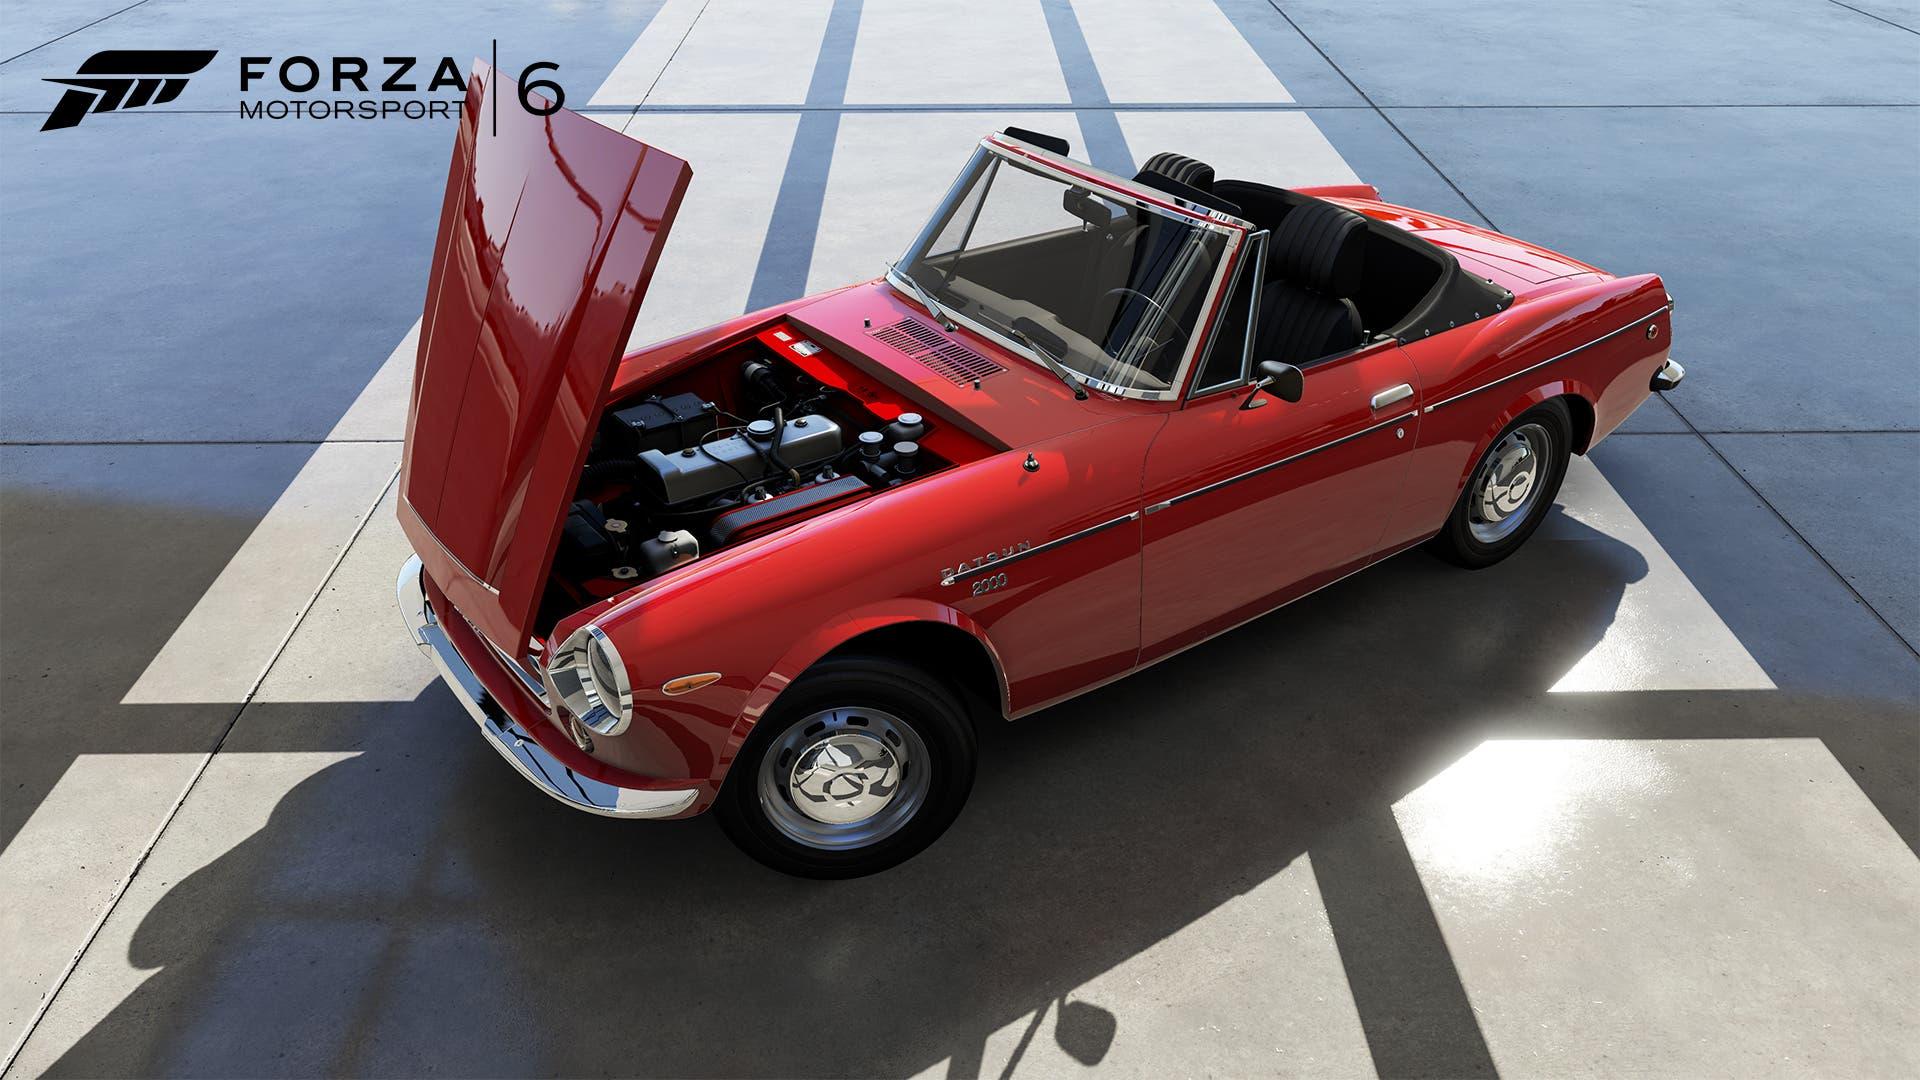 NovDLC_Datsun2000_Forza6_WM